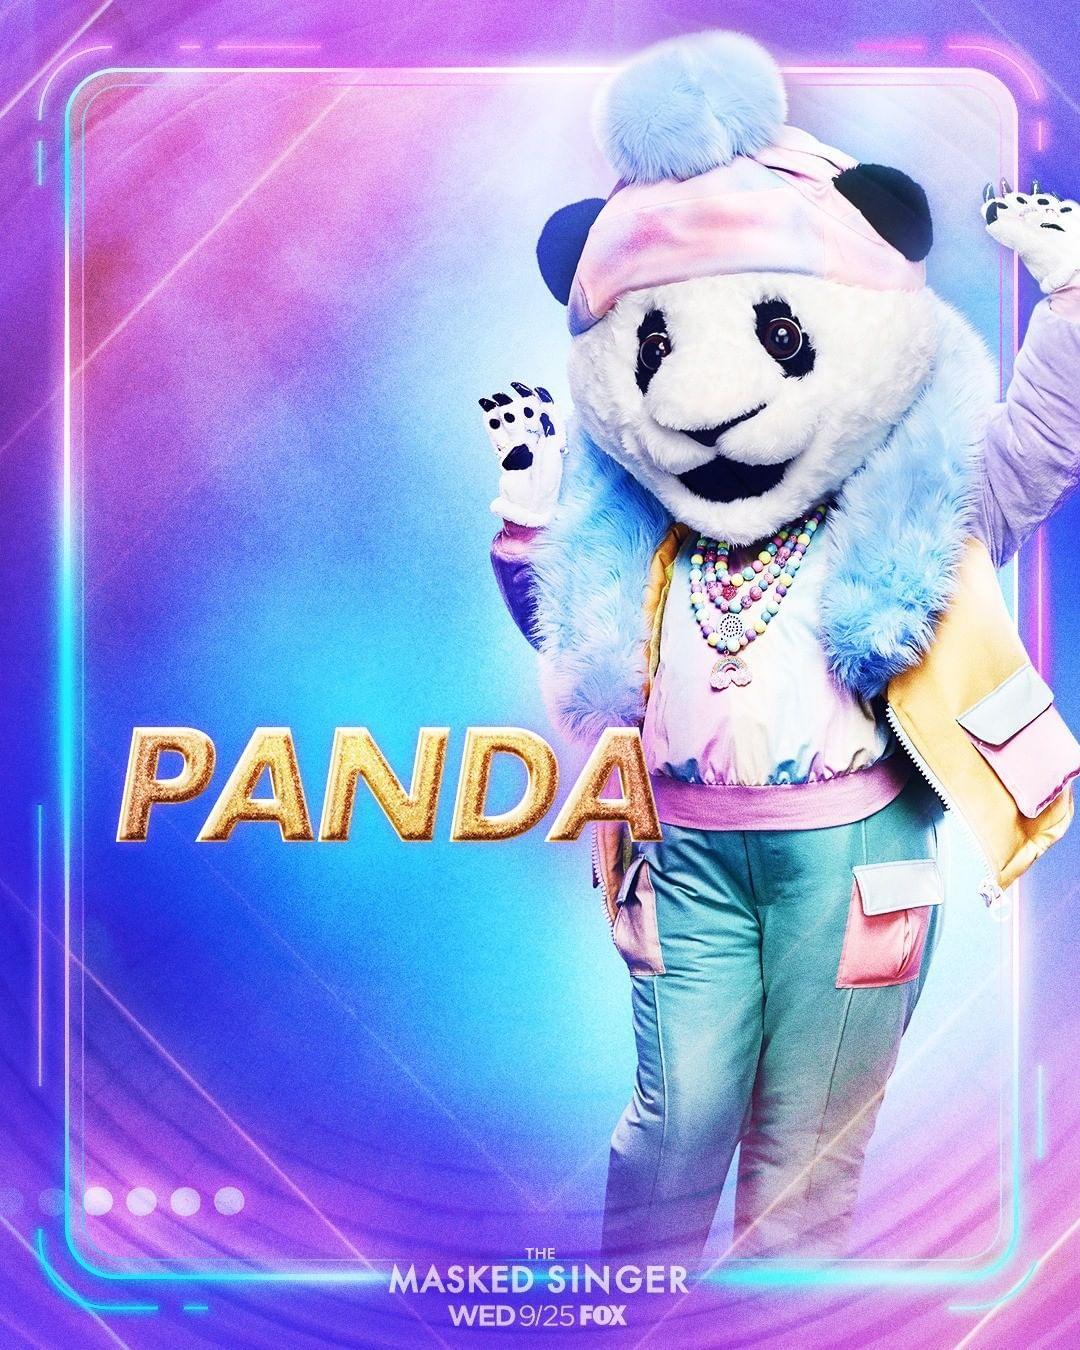 panda-masked-singer-1569349307732.jpg